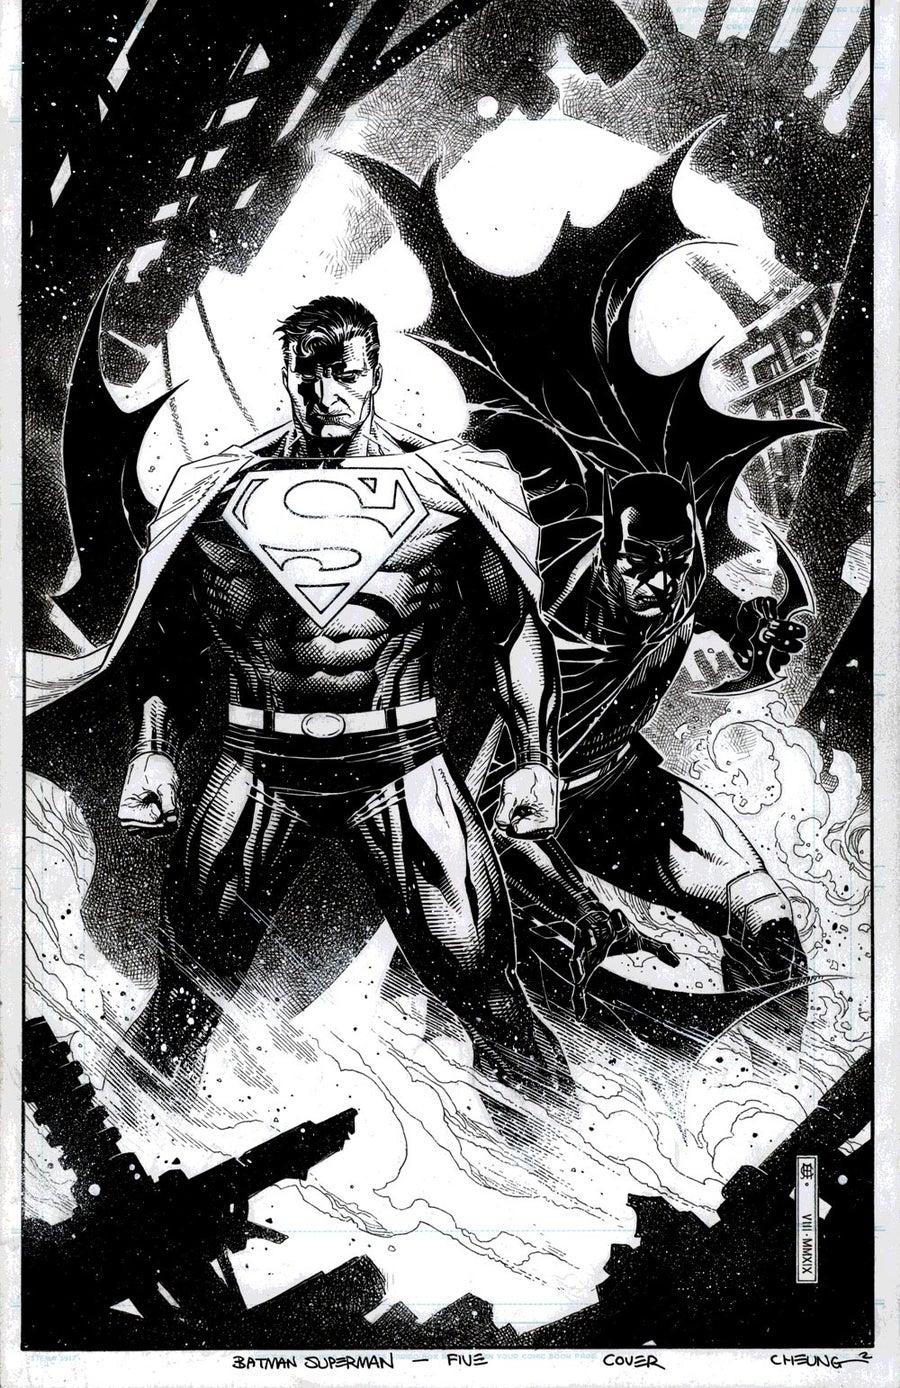 Batman Superman # 5